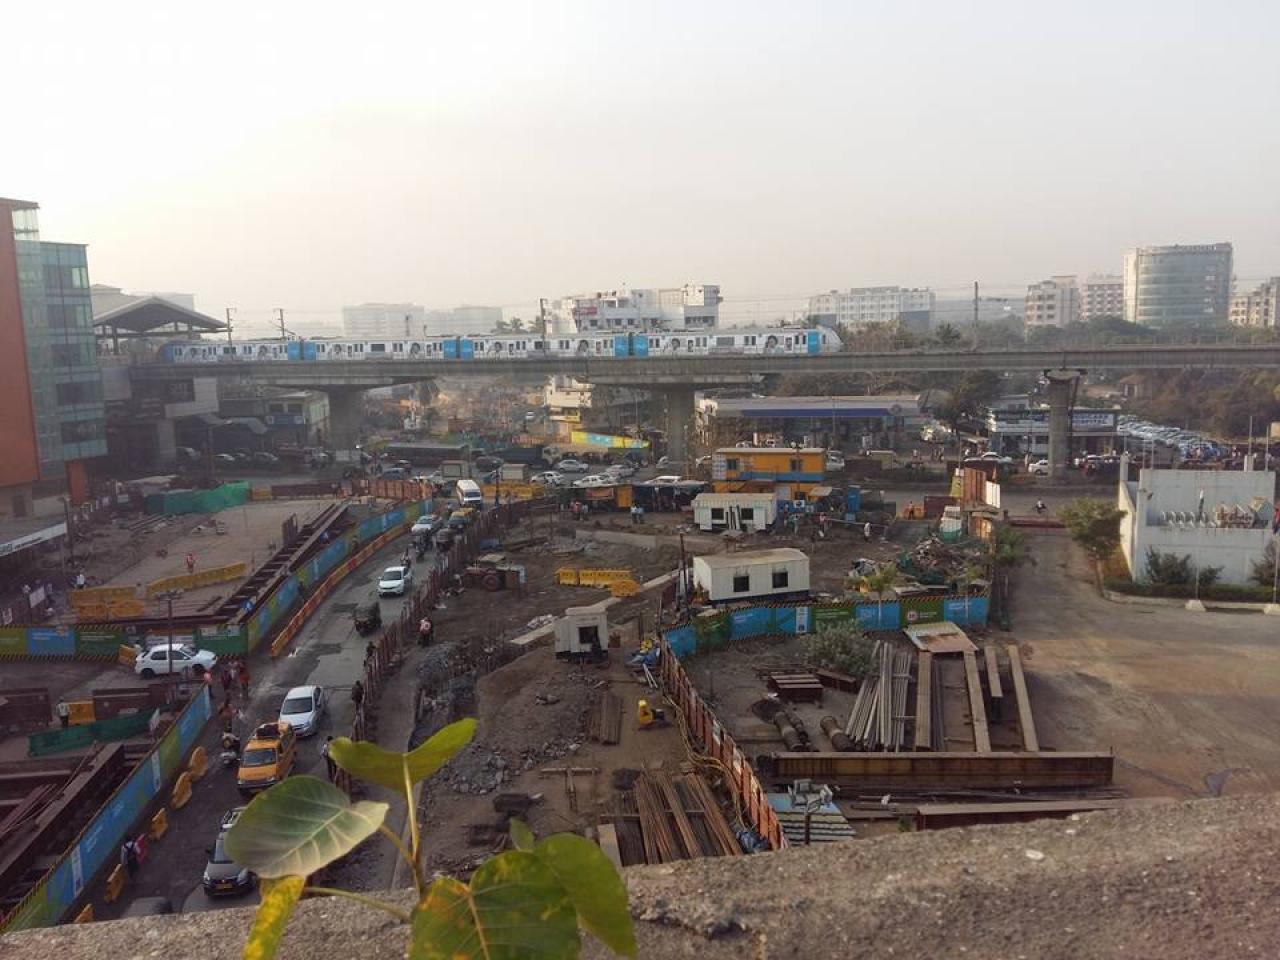 Marol Naka station under construction